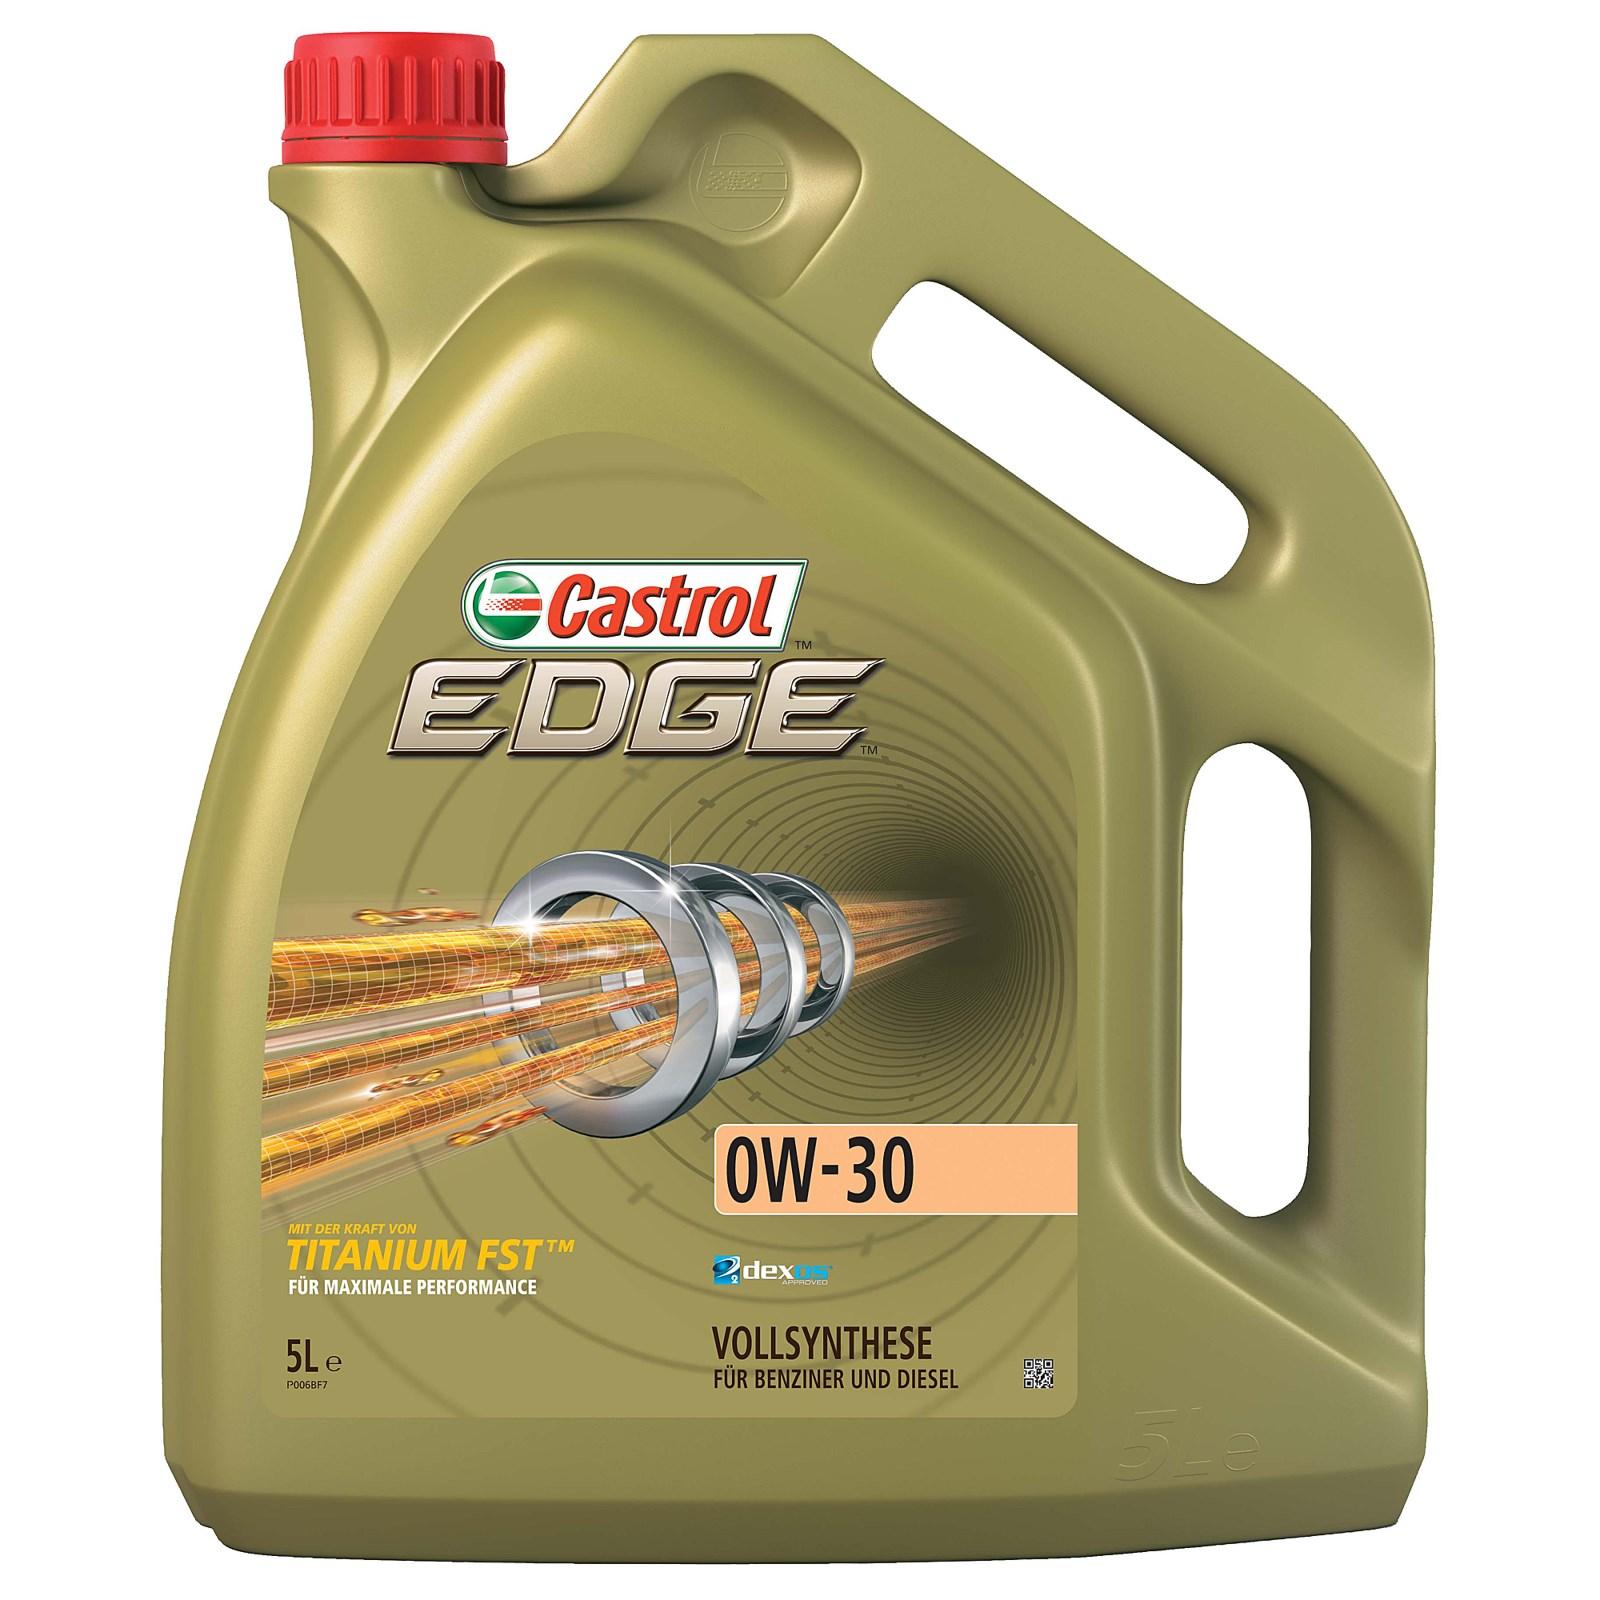 5 l liter castrol edge titanium fst 0w 30 motor l motoren l renault rn0700 hochleistungs l mit der st rke von titanium fst